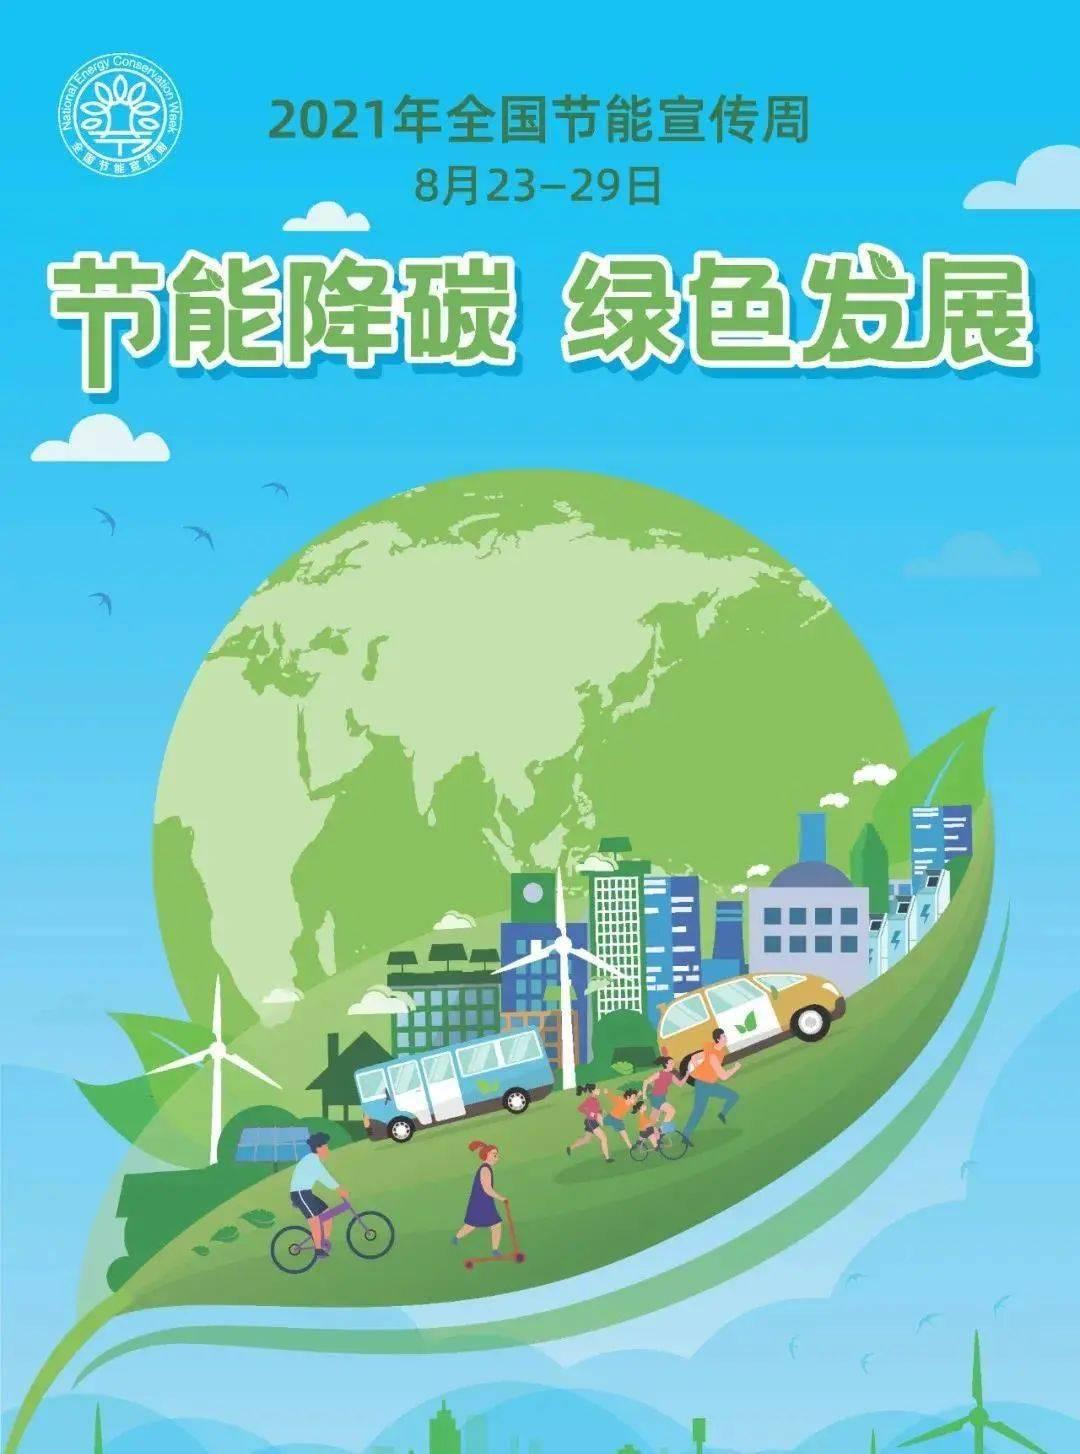 【全国节能宣传周】池州:追求绿色节能时尚,拥抱绿色低碳生活